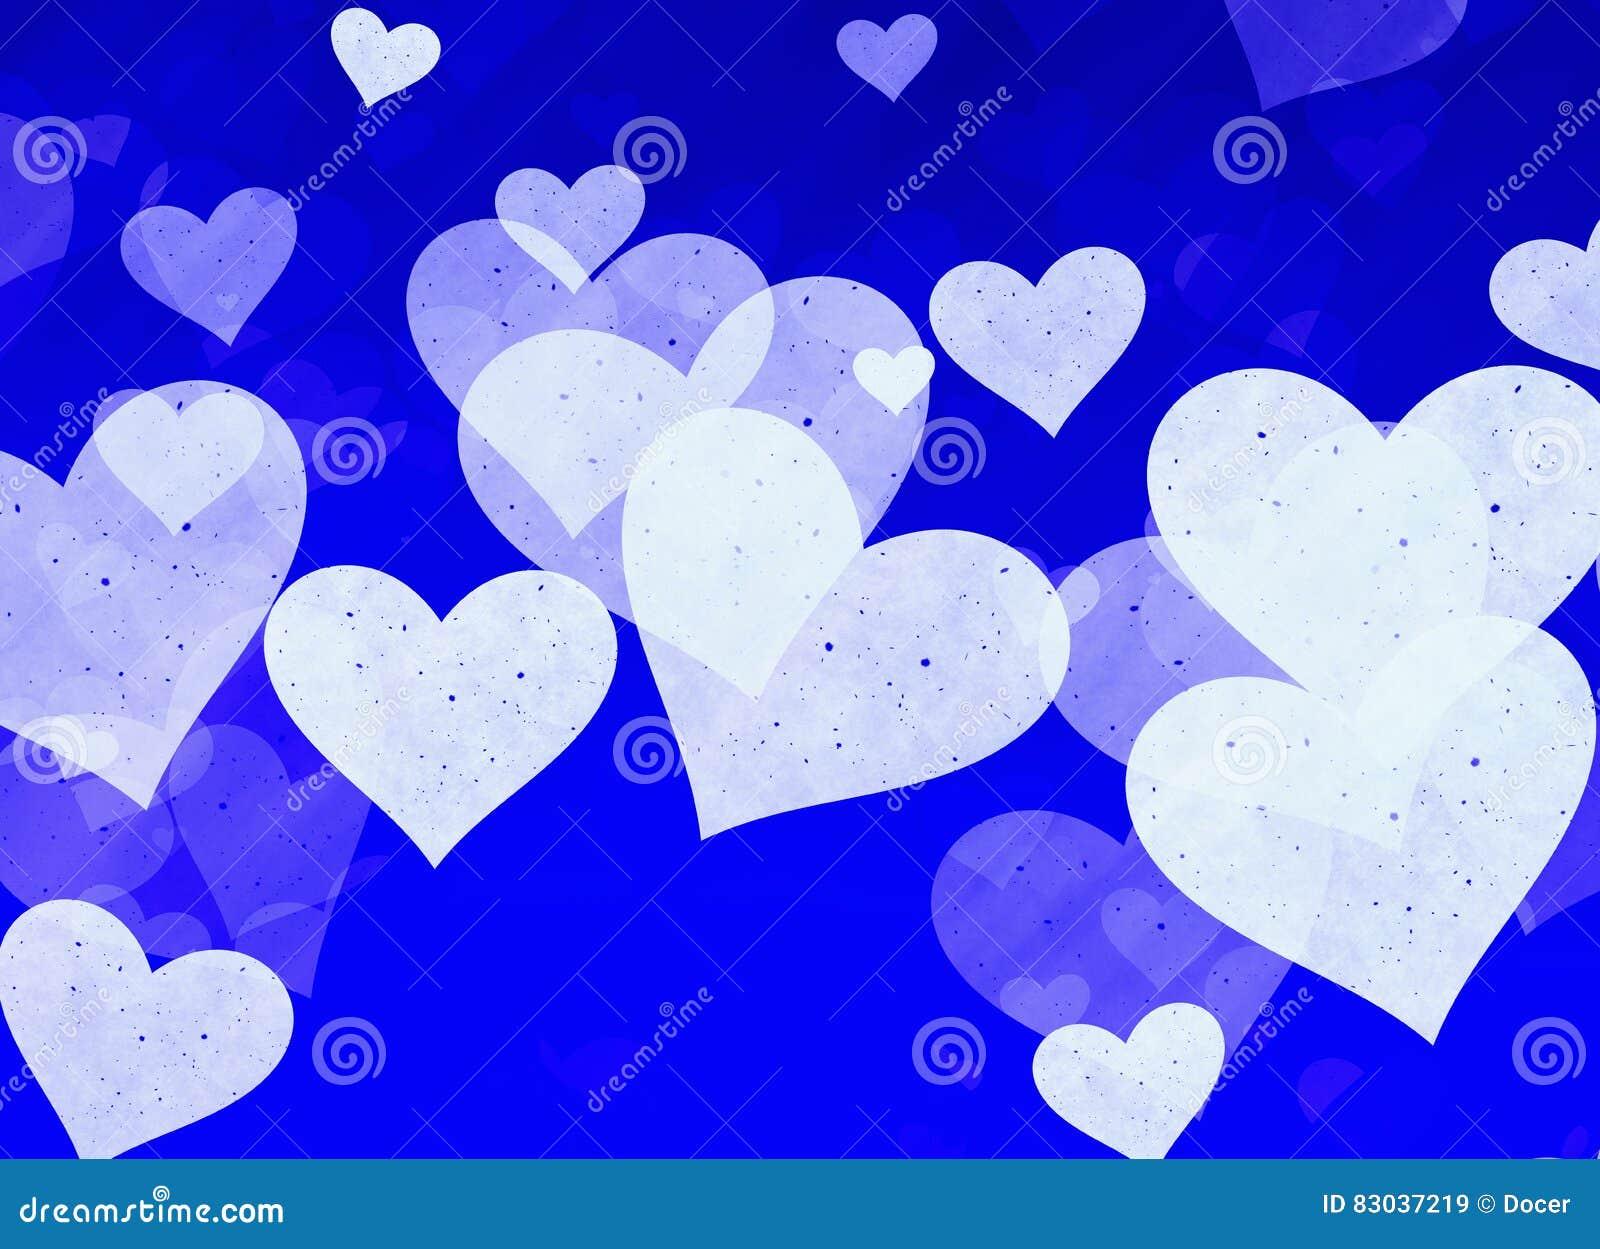 Corações claros sonhadores no fundo azul